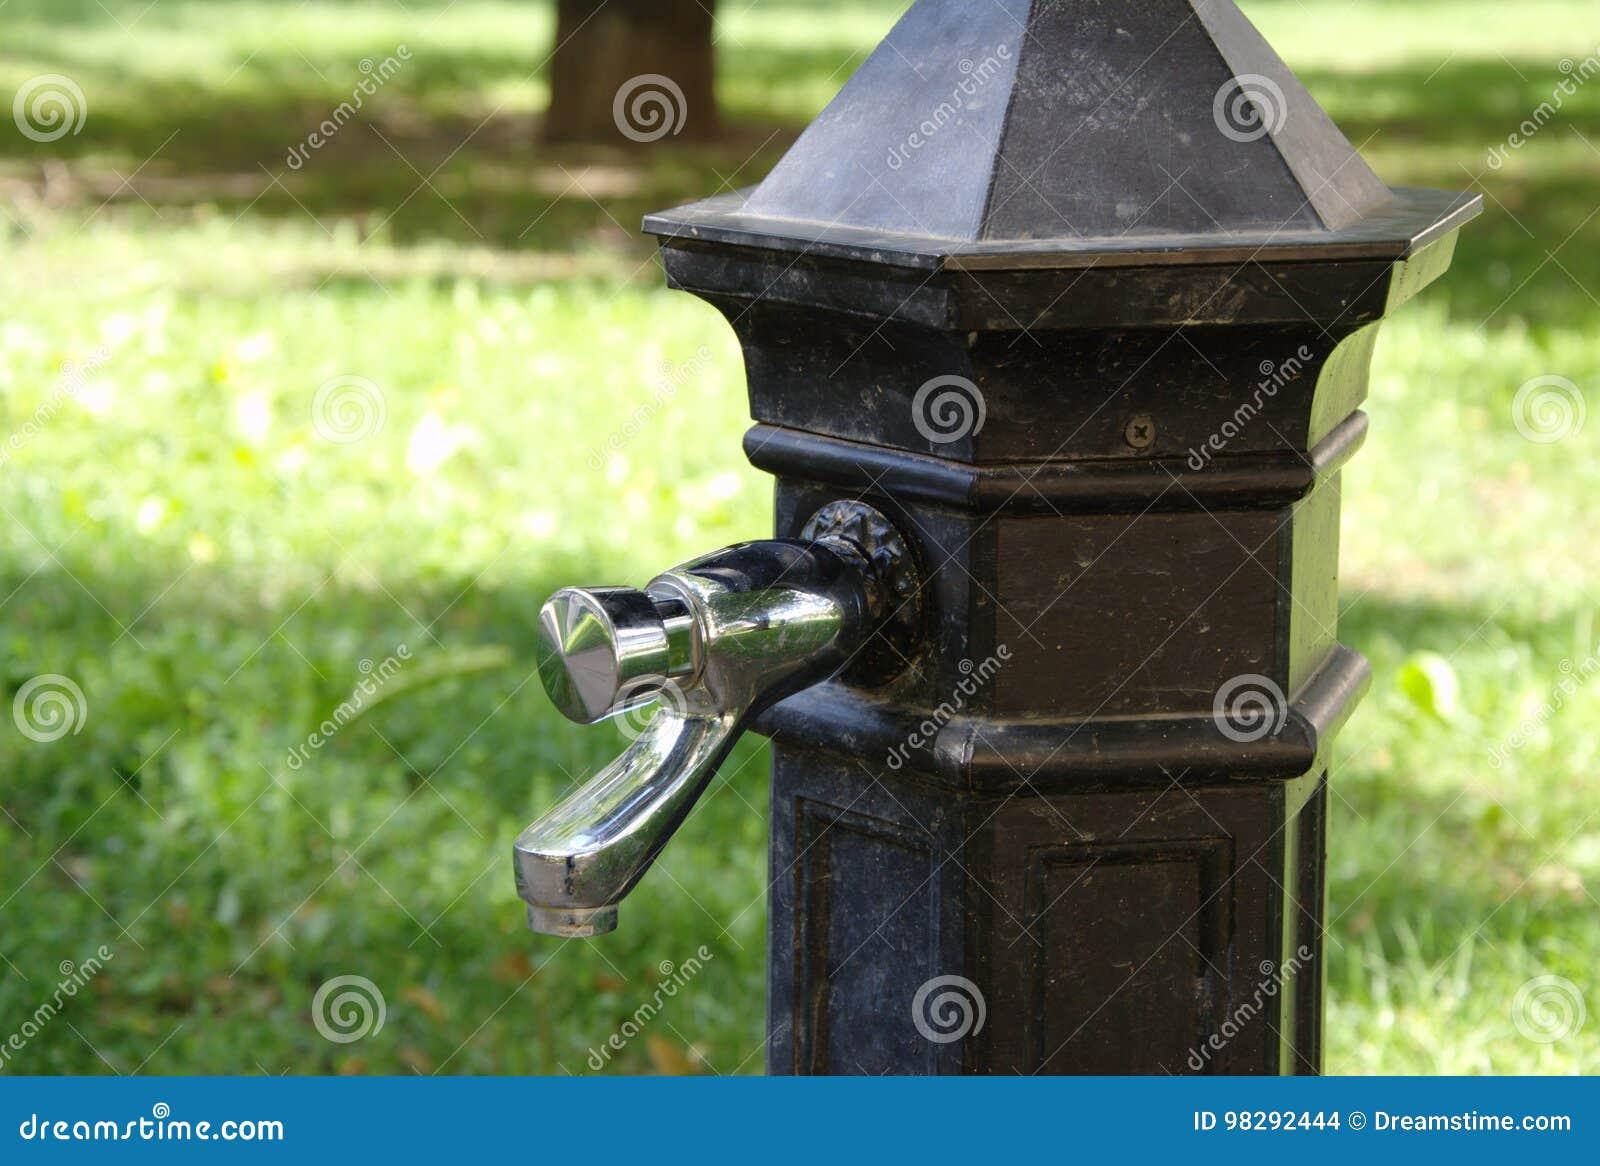 Torneira de água municipal tradicional com água potável no parque